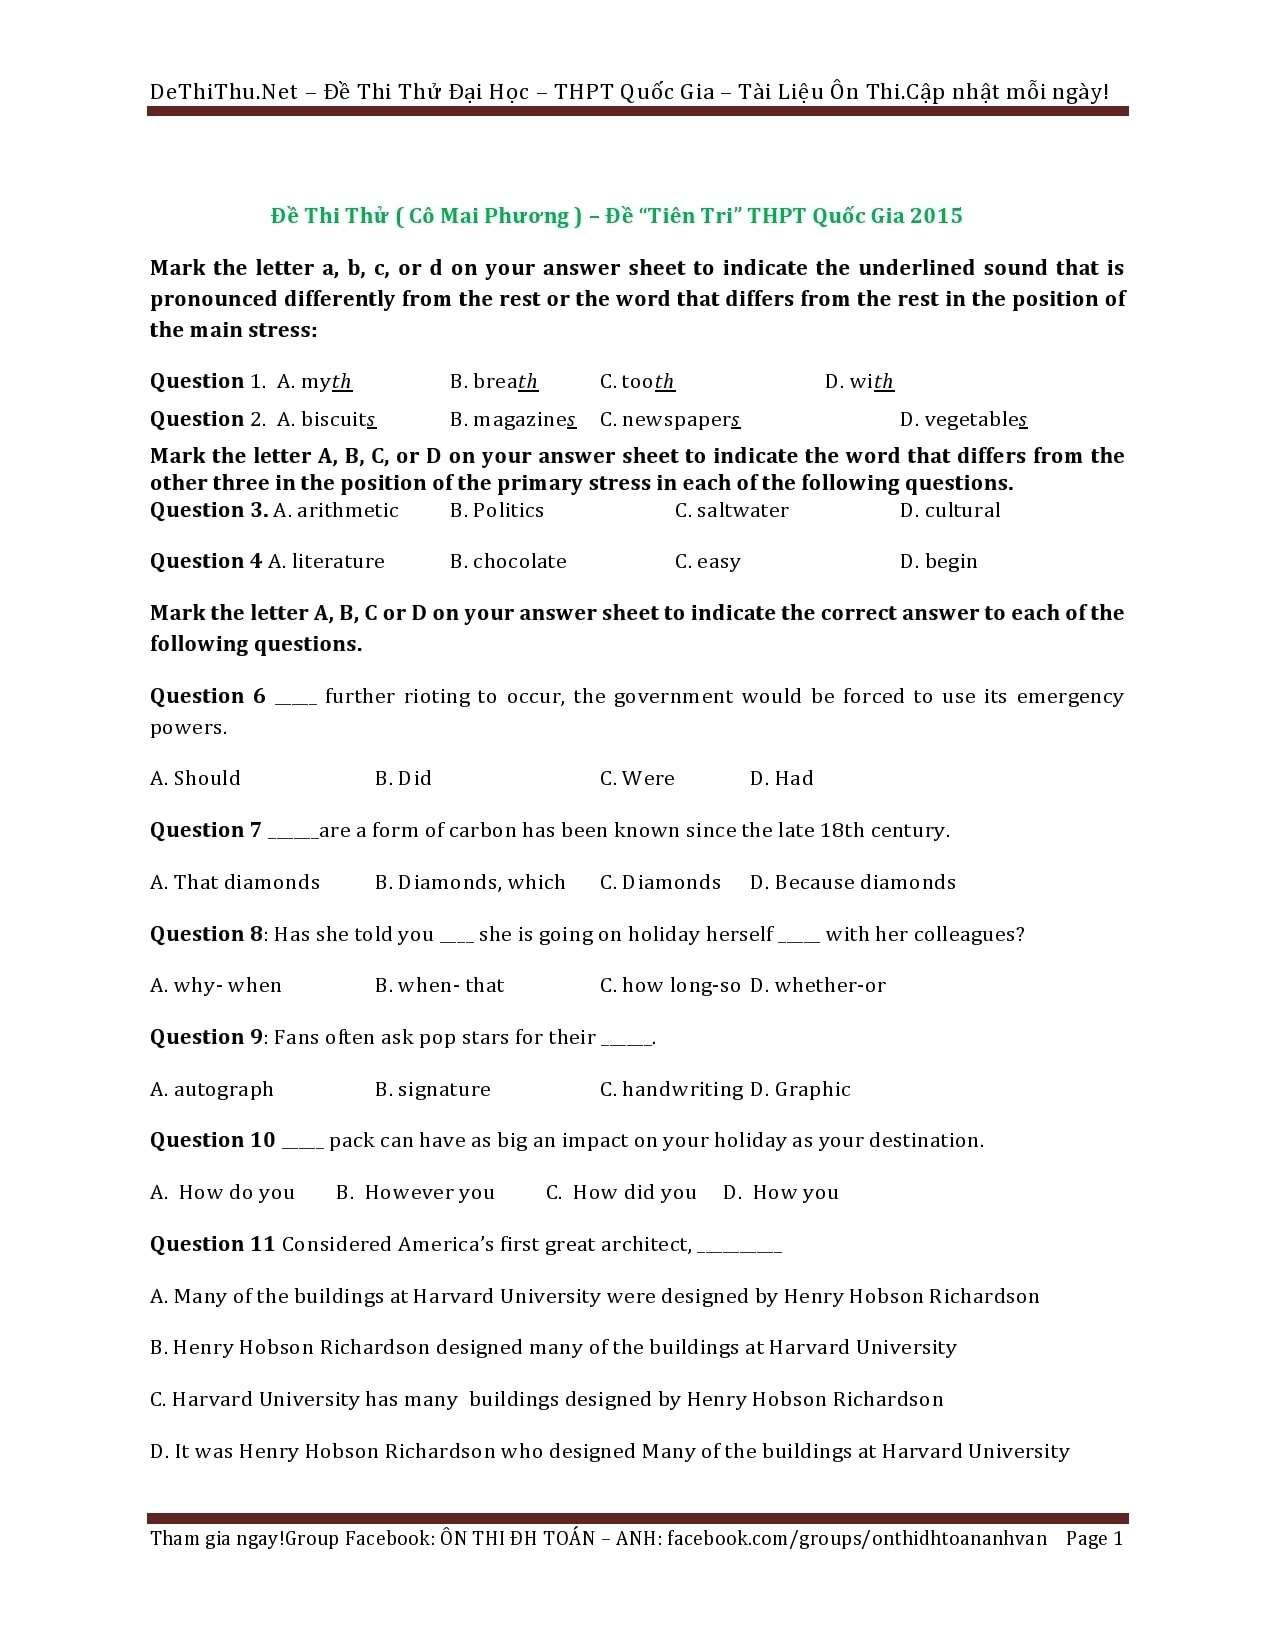 Đề thi thử và Key Tiếng Anh THPT Quốc Gia 2015 Cô Mai Phương ( Đề tiên tri )